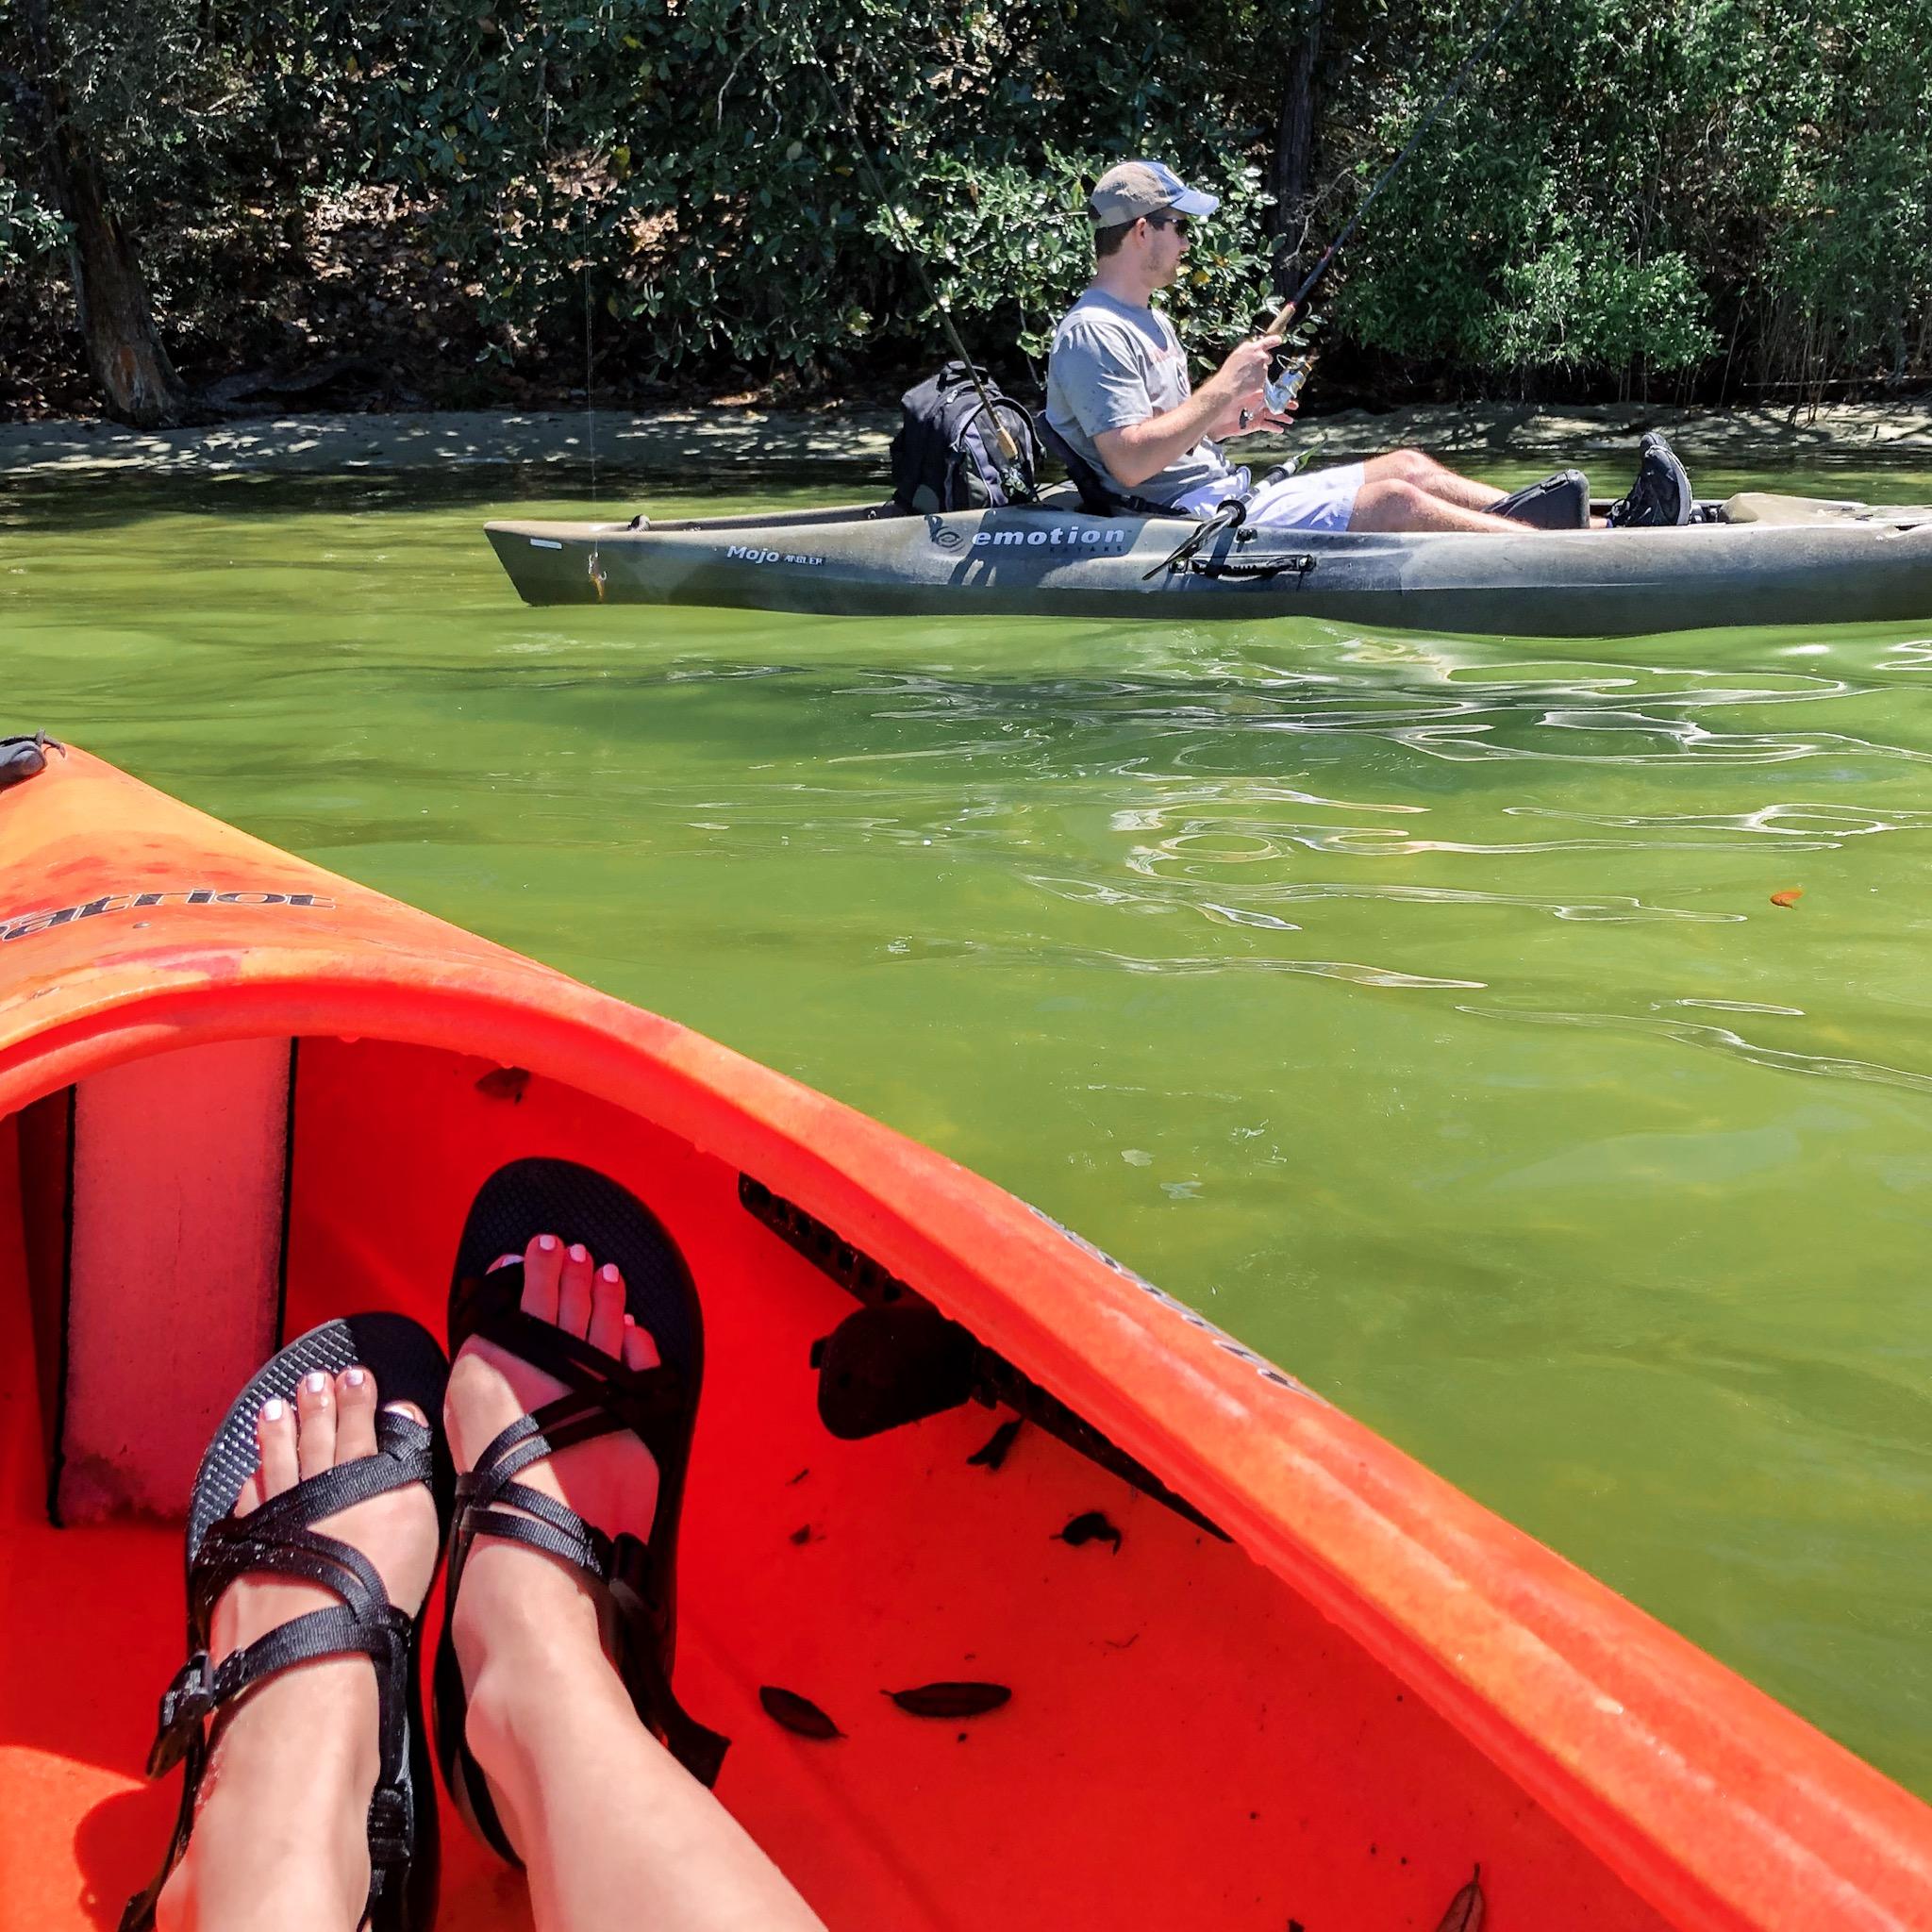 30a kayaking